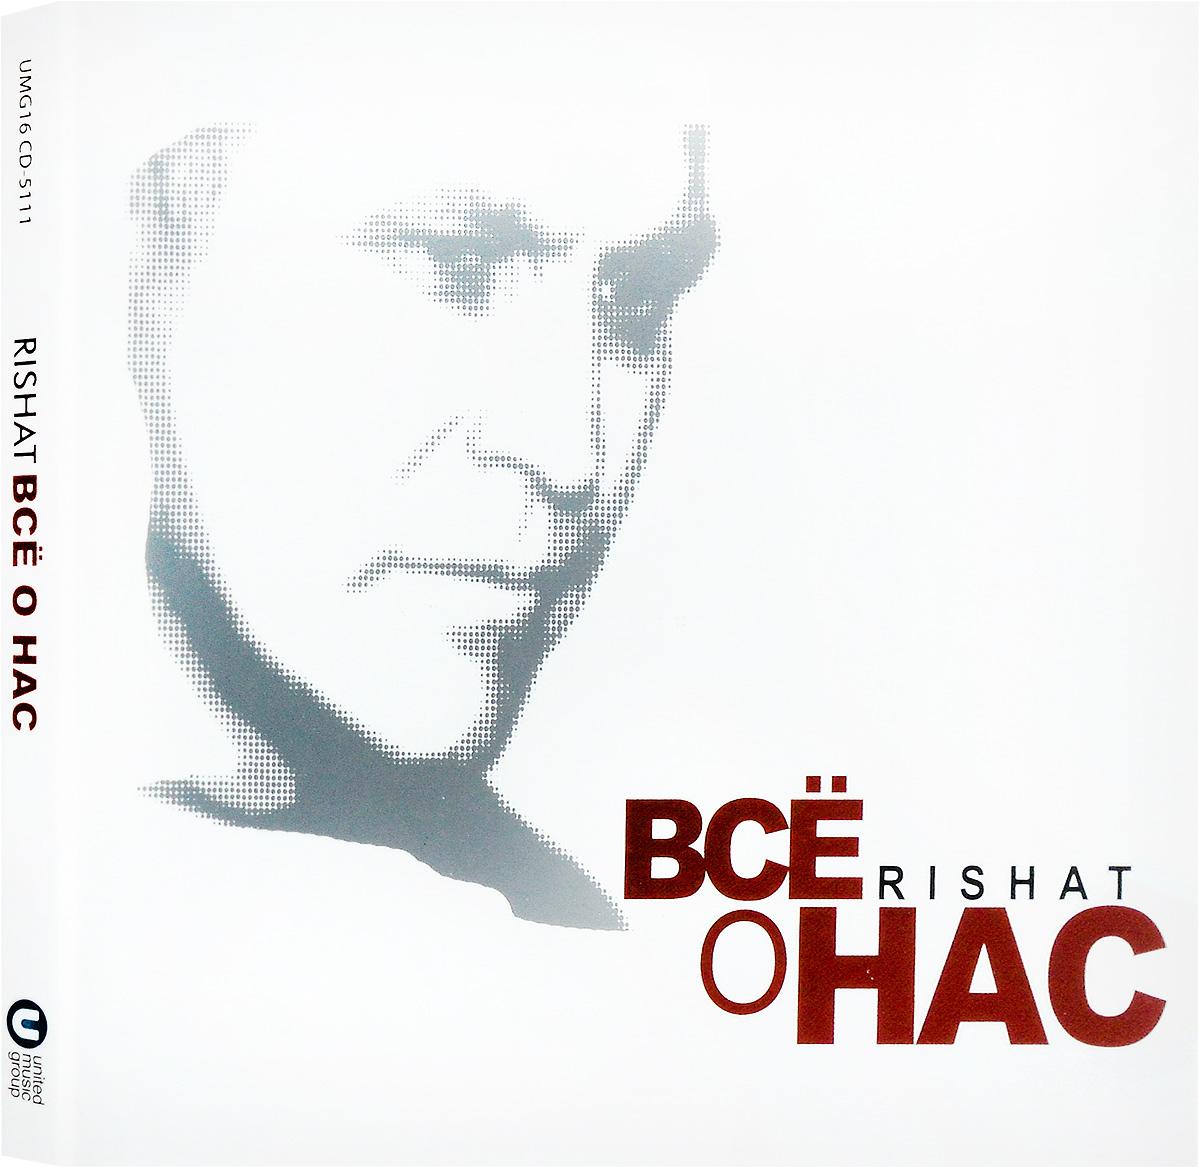 К изданию прилагается 20-страничный буклет с текстами песен на русском языке.